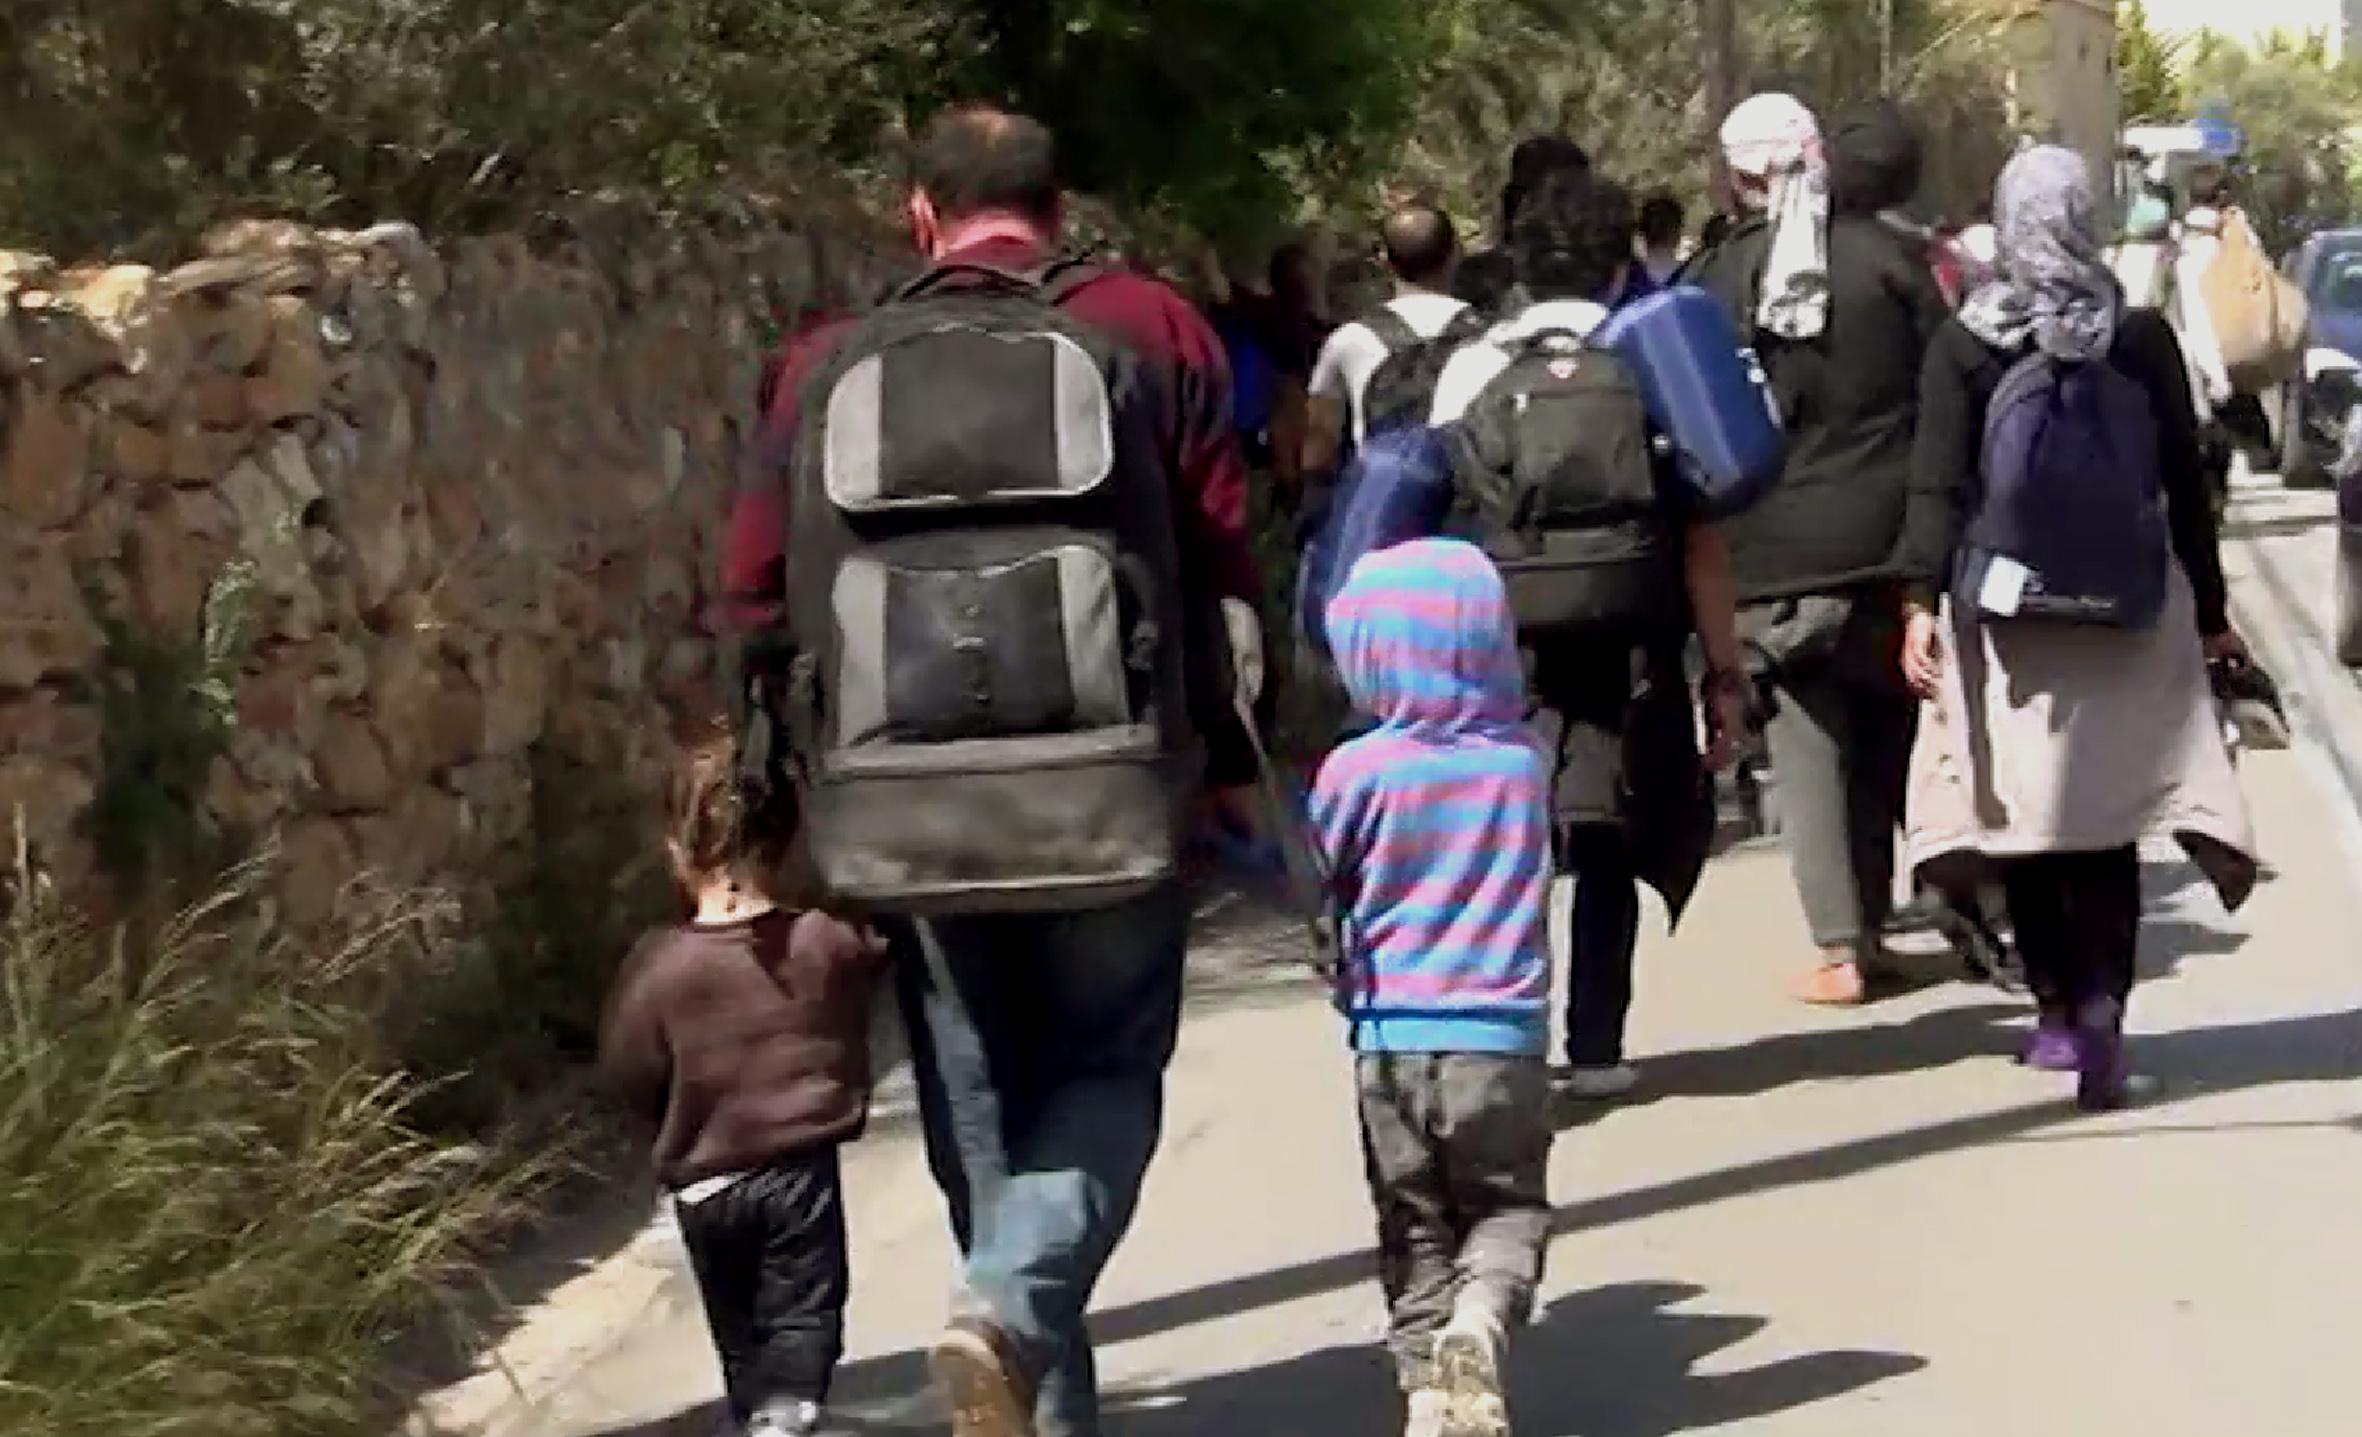 Χίος: Ανεπιθύμητοι στο Χαλκειό οι βουλευτές της Χρυσής Αυγής | tovima.gr